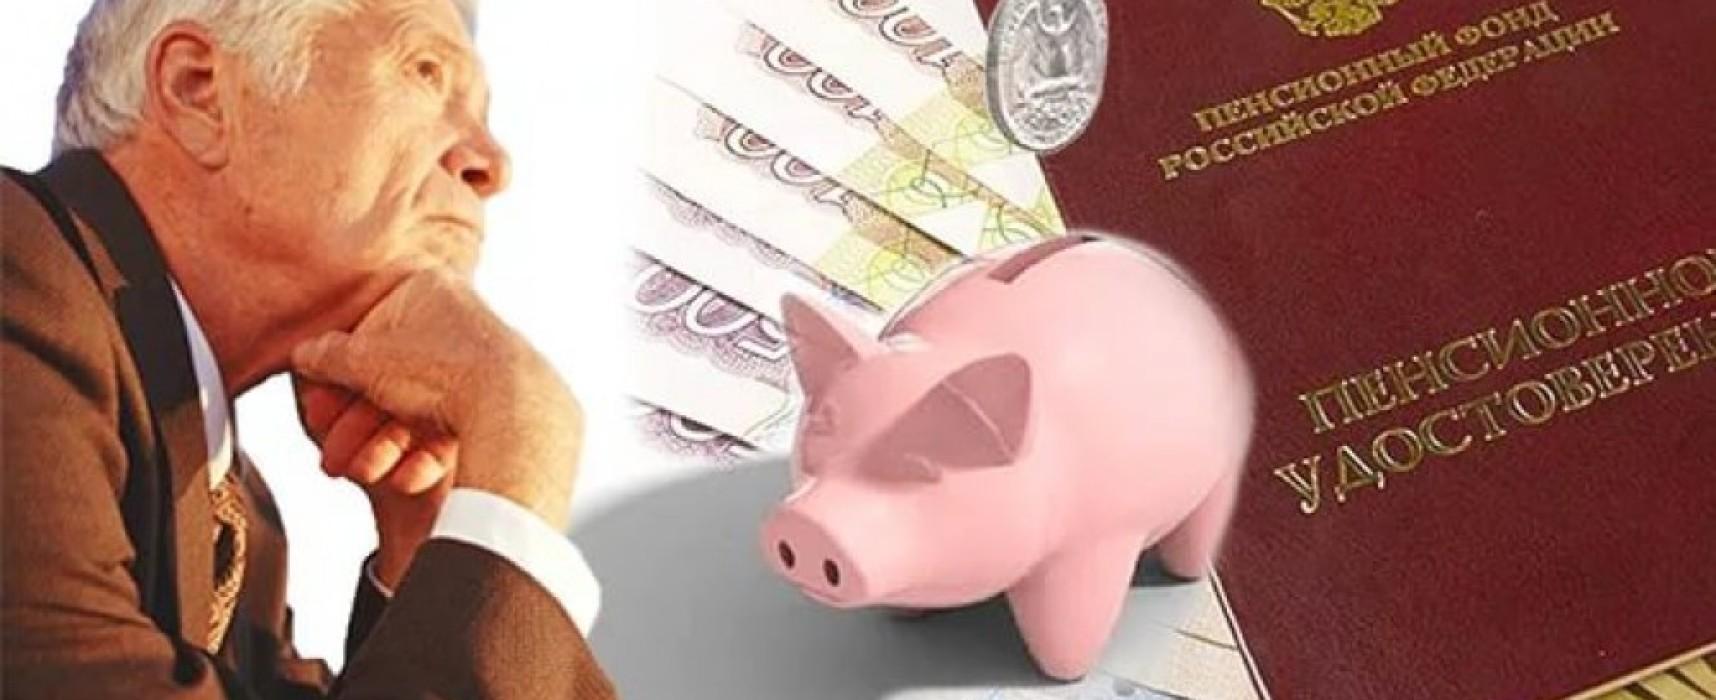 Пенсия в восемьдесят лет: что положено по закону?